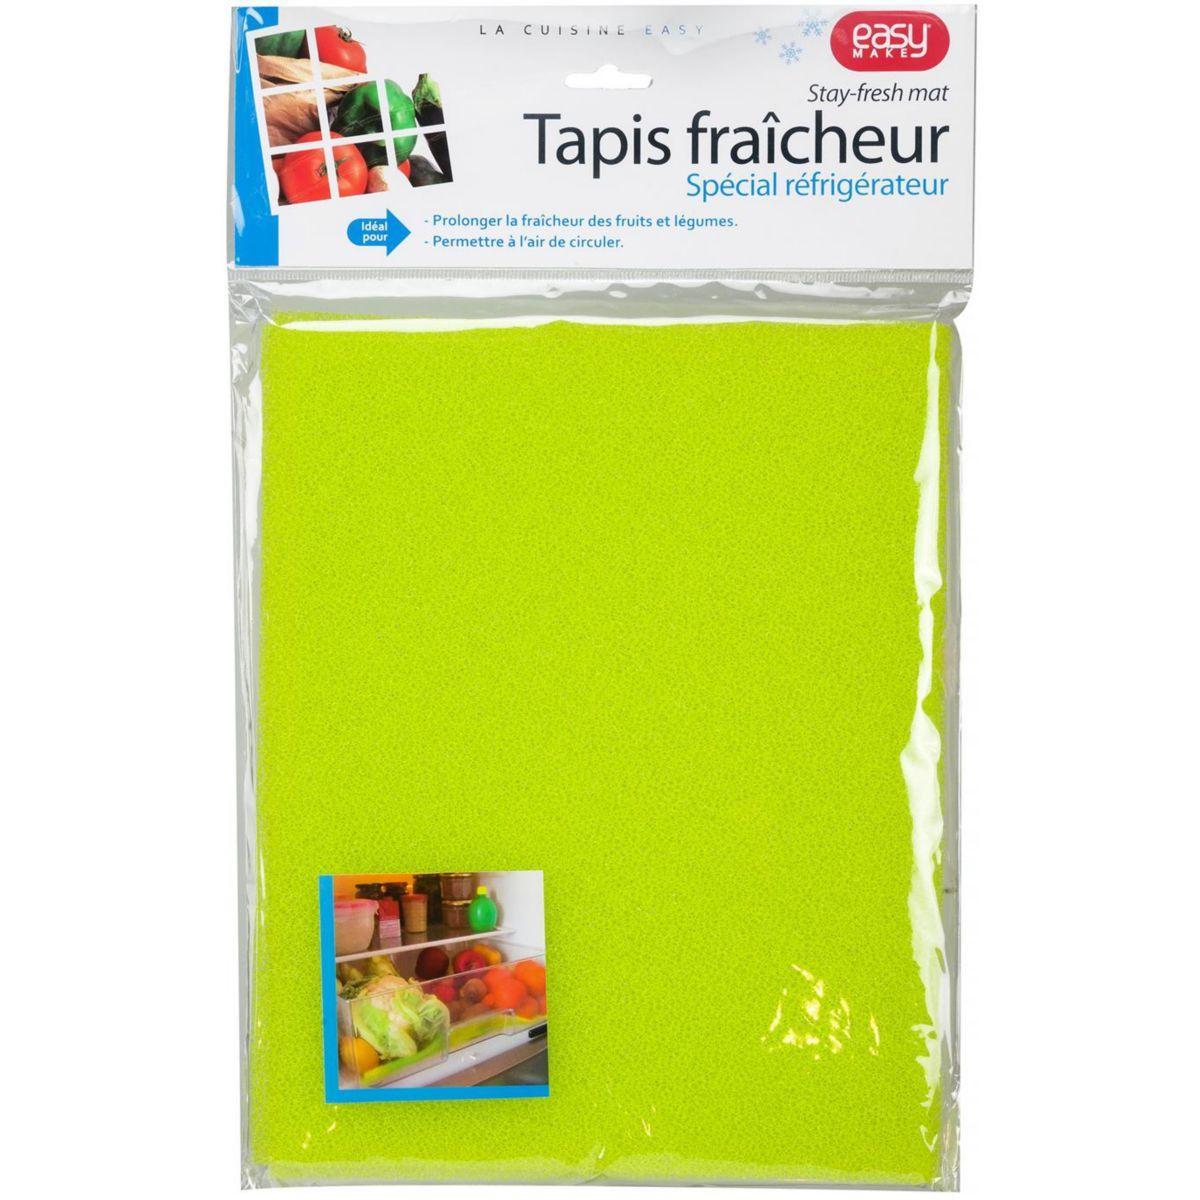 Tapis fra�cheur easy make tapis fraicheur fruits et legumes (photo)